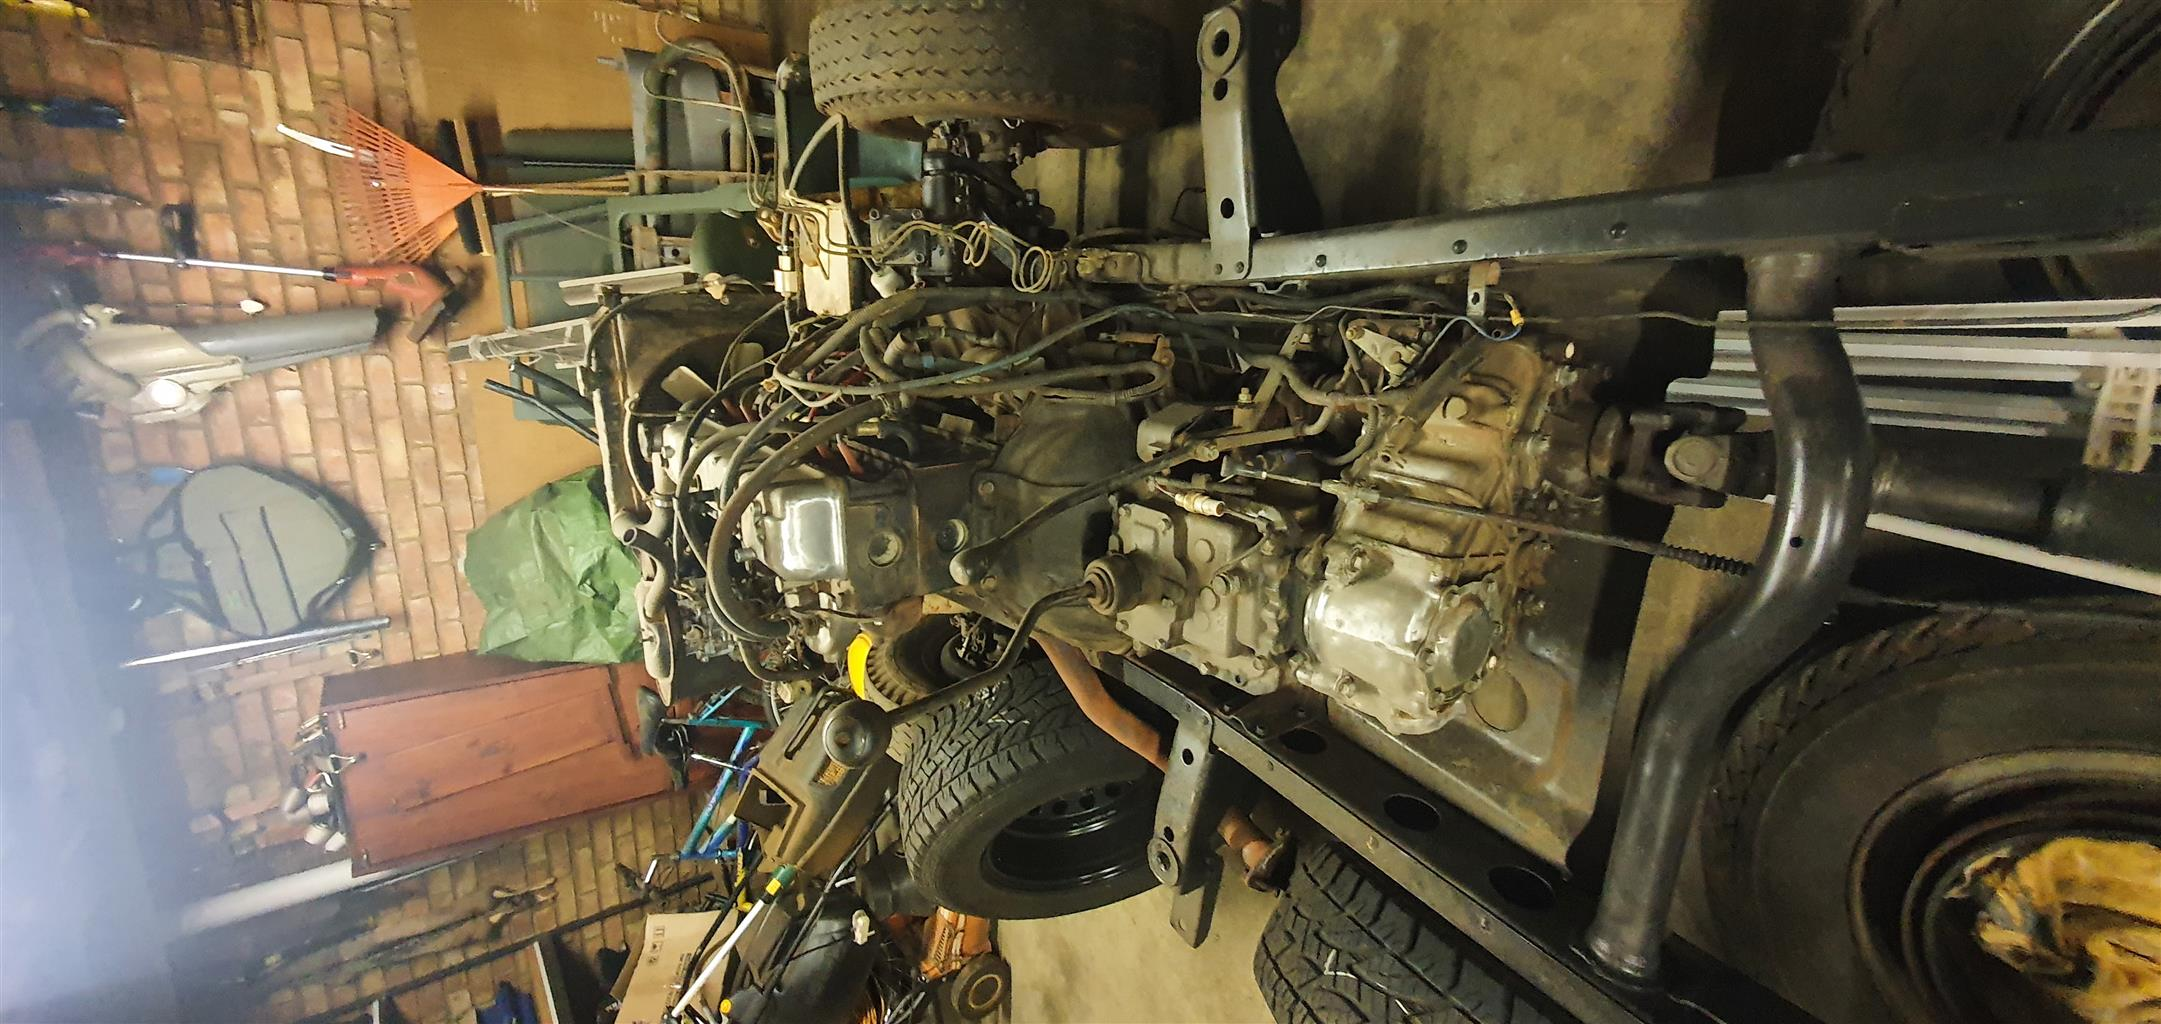 1985 Custom and Rebuilds Rebuilt Cars